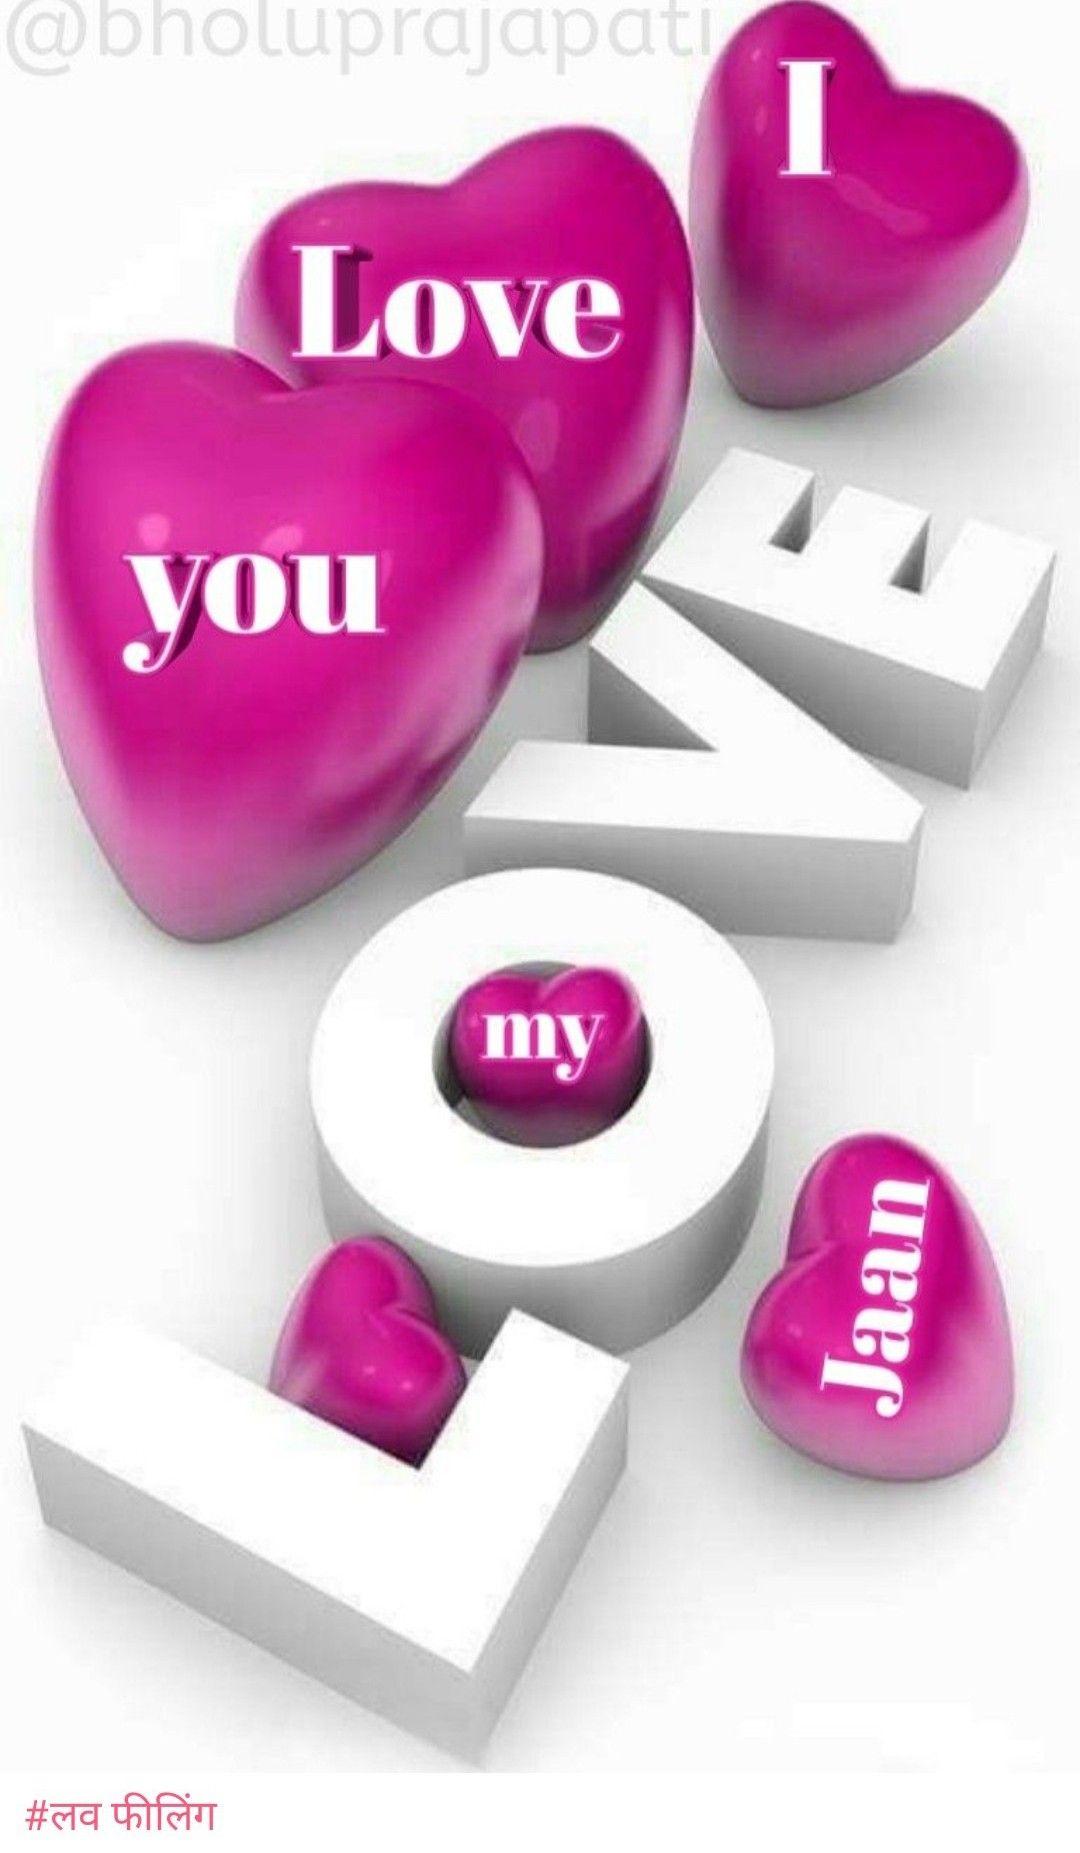 Pin On Sms English And Hindi Shayari Hindi Quotes Sad Love Mom Dad Brother Sister